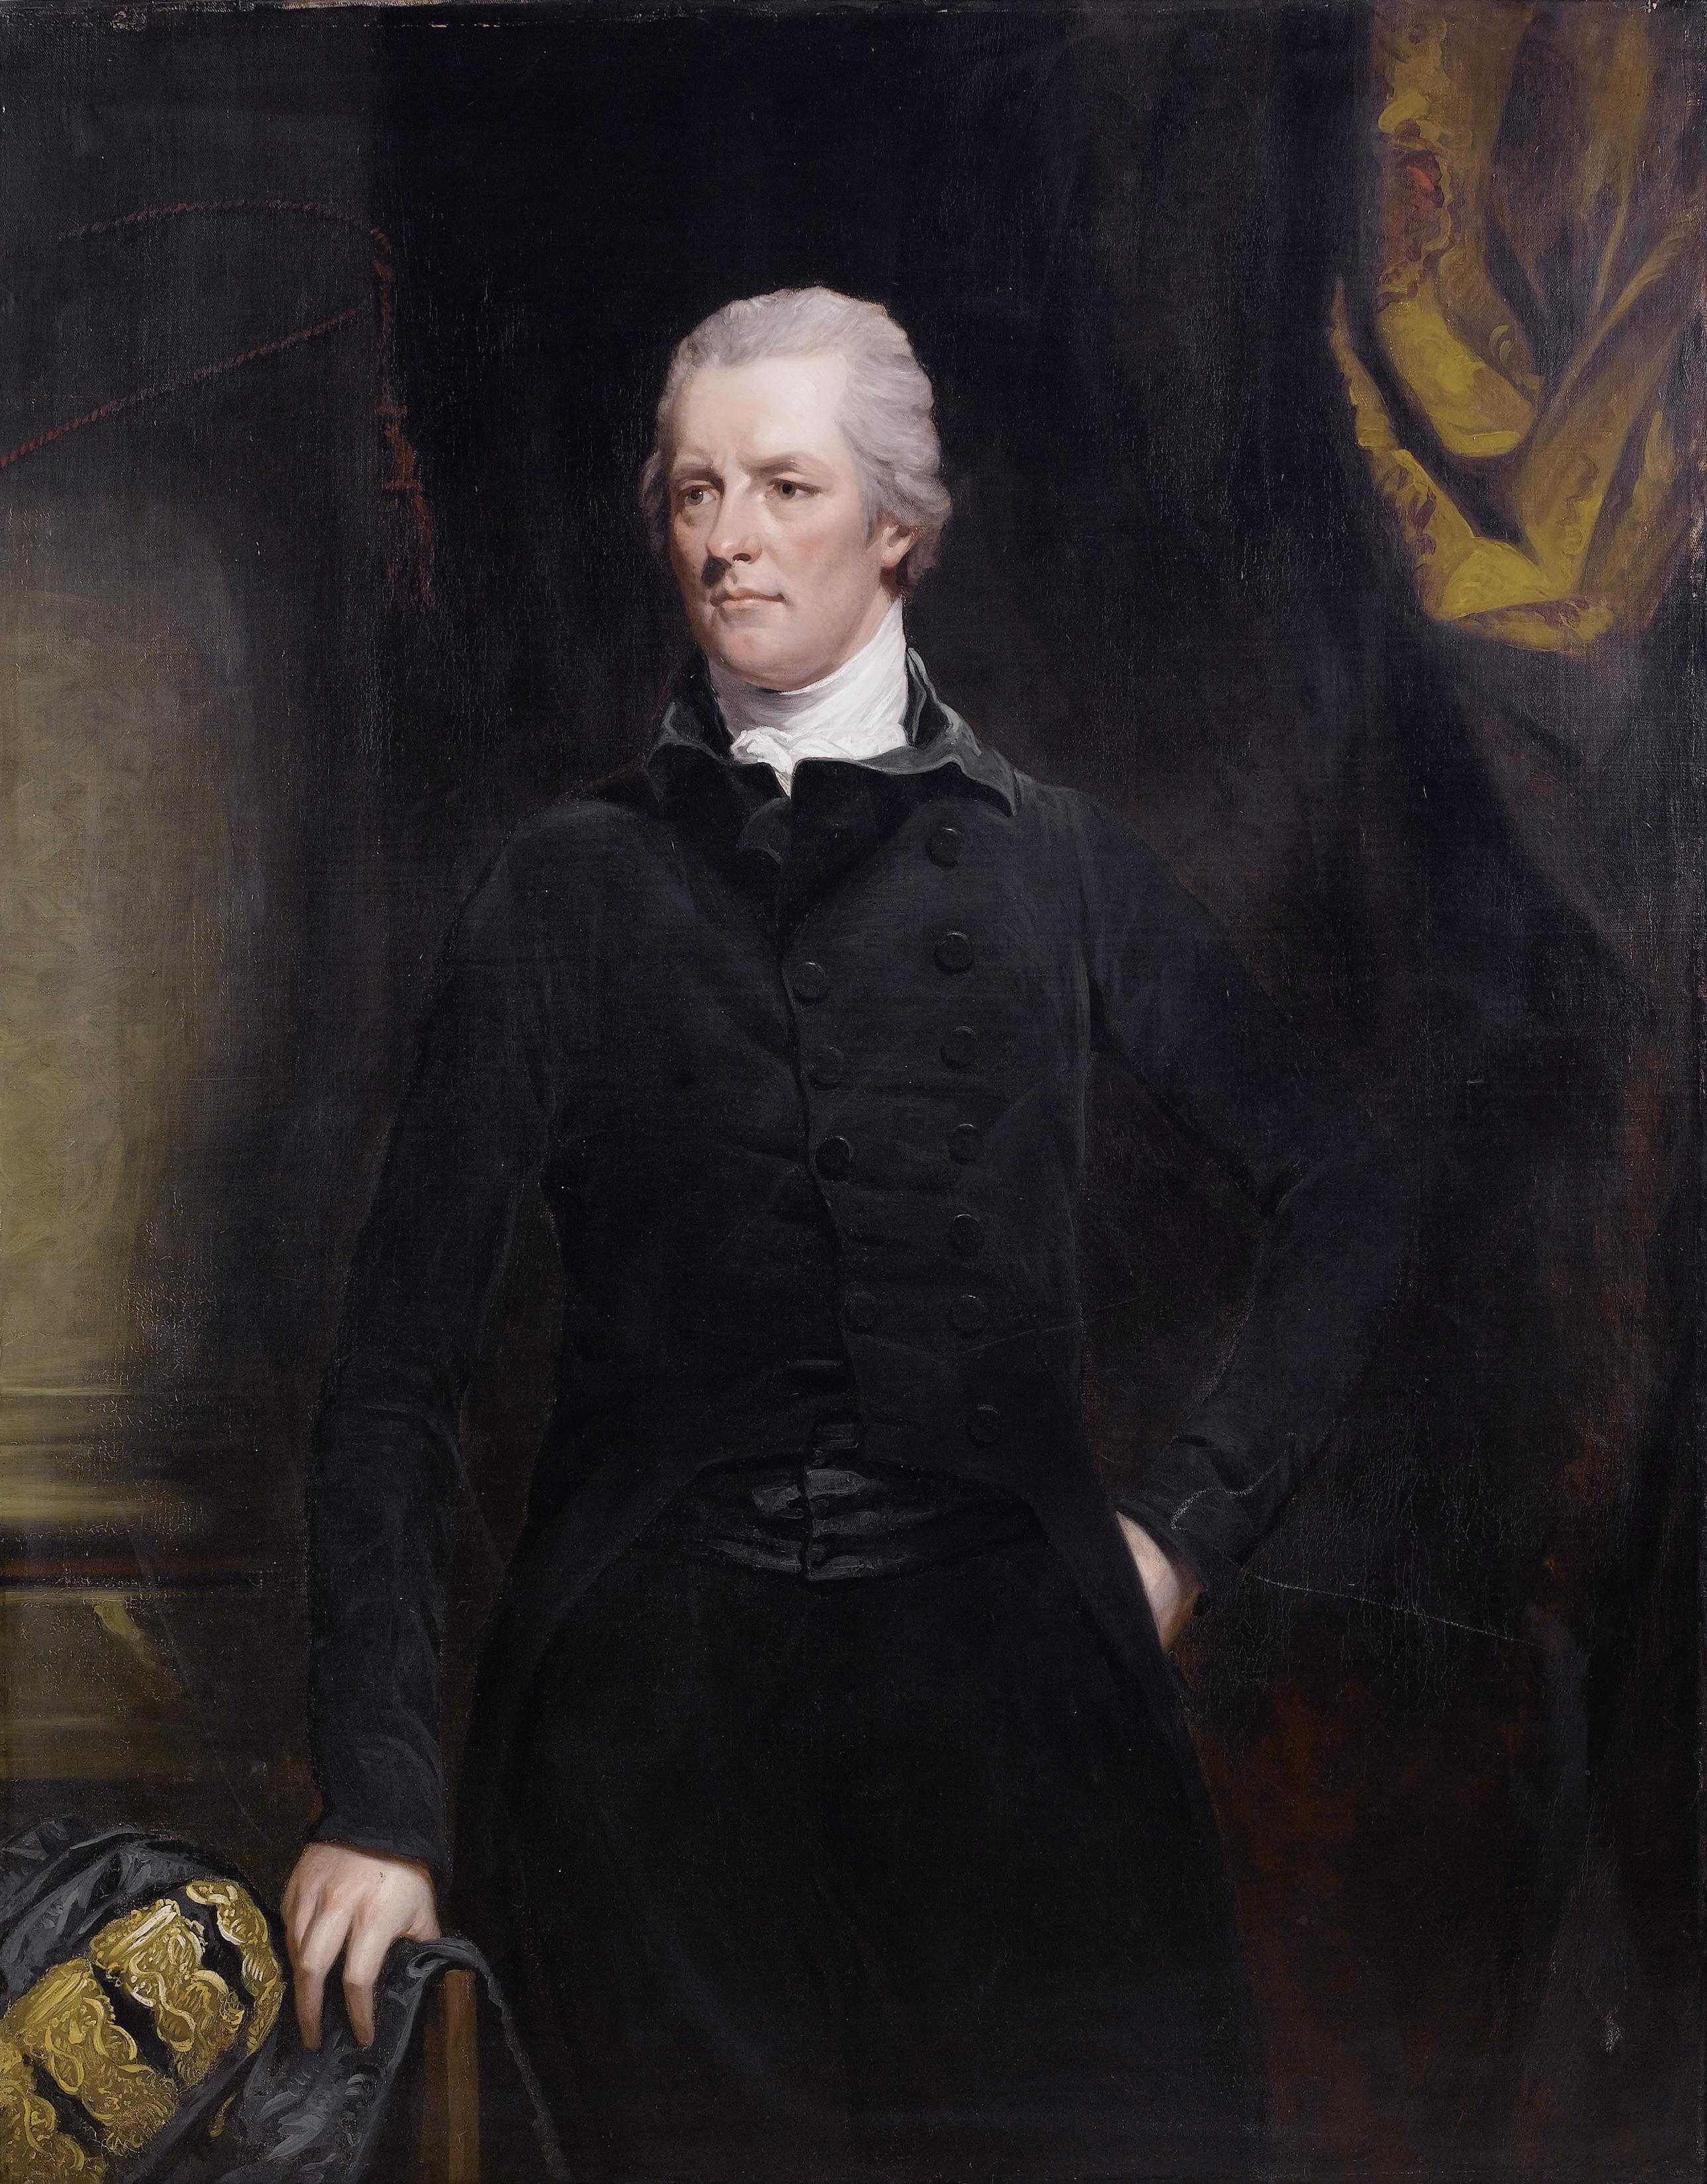 Ifjabb William Pitt, az egyik kedvenc történelmi hősöm. 24 évesen lett Nagy-Britannia miniszerelnöke.